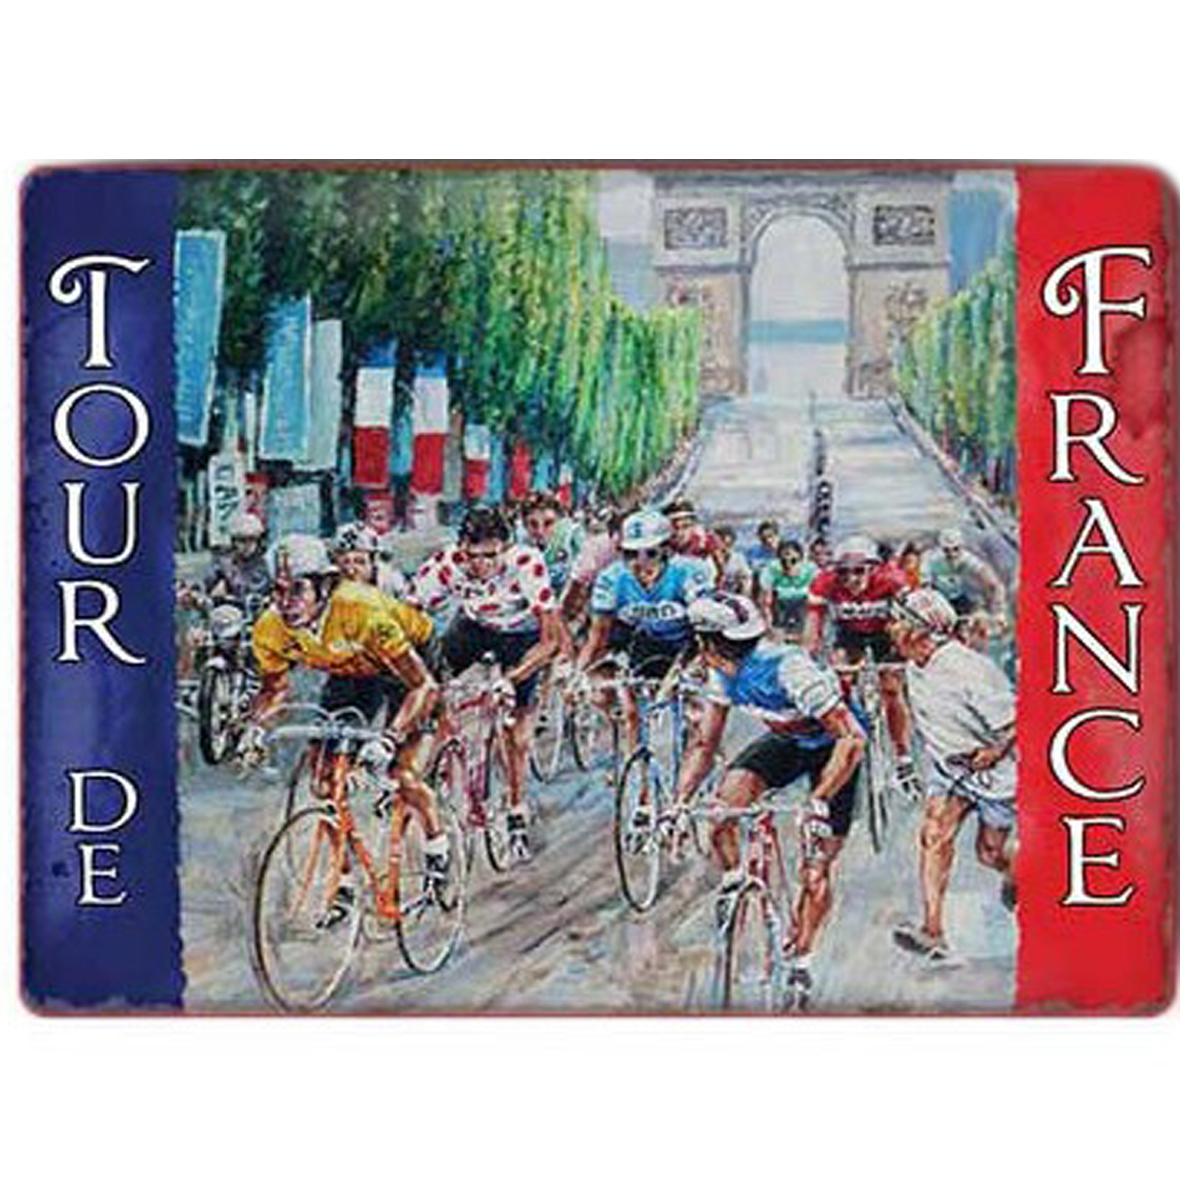 Magnet métal rétro \'Tour de France\' bleu blanc rouge (arrivée champs élysées) - 9x65 cm - [Q9203]